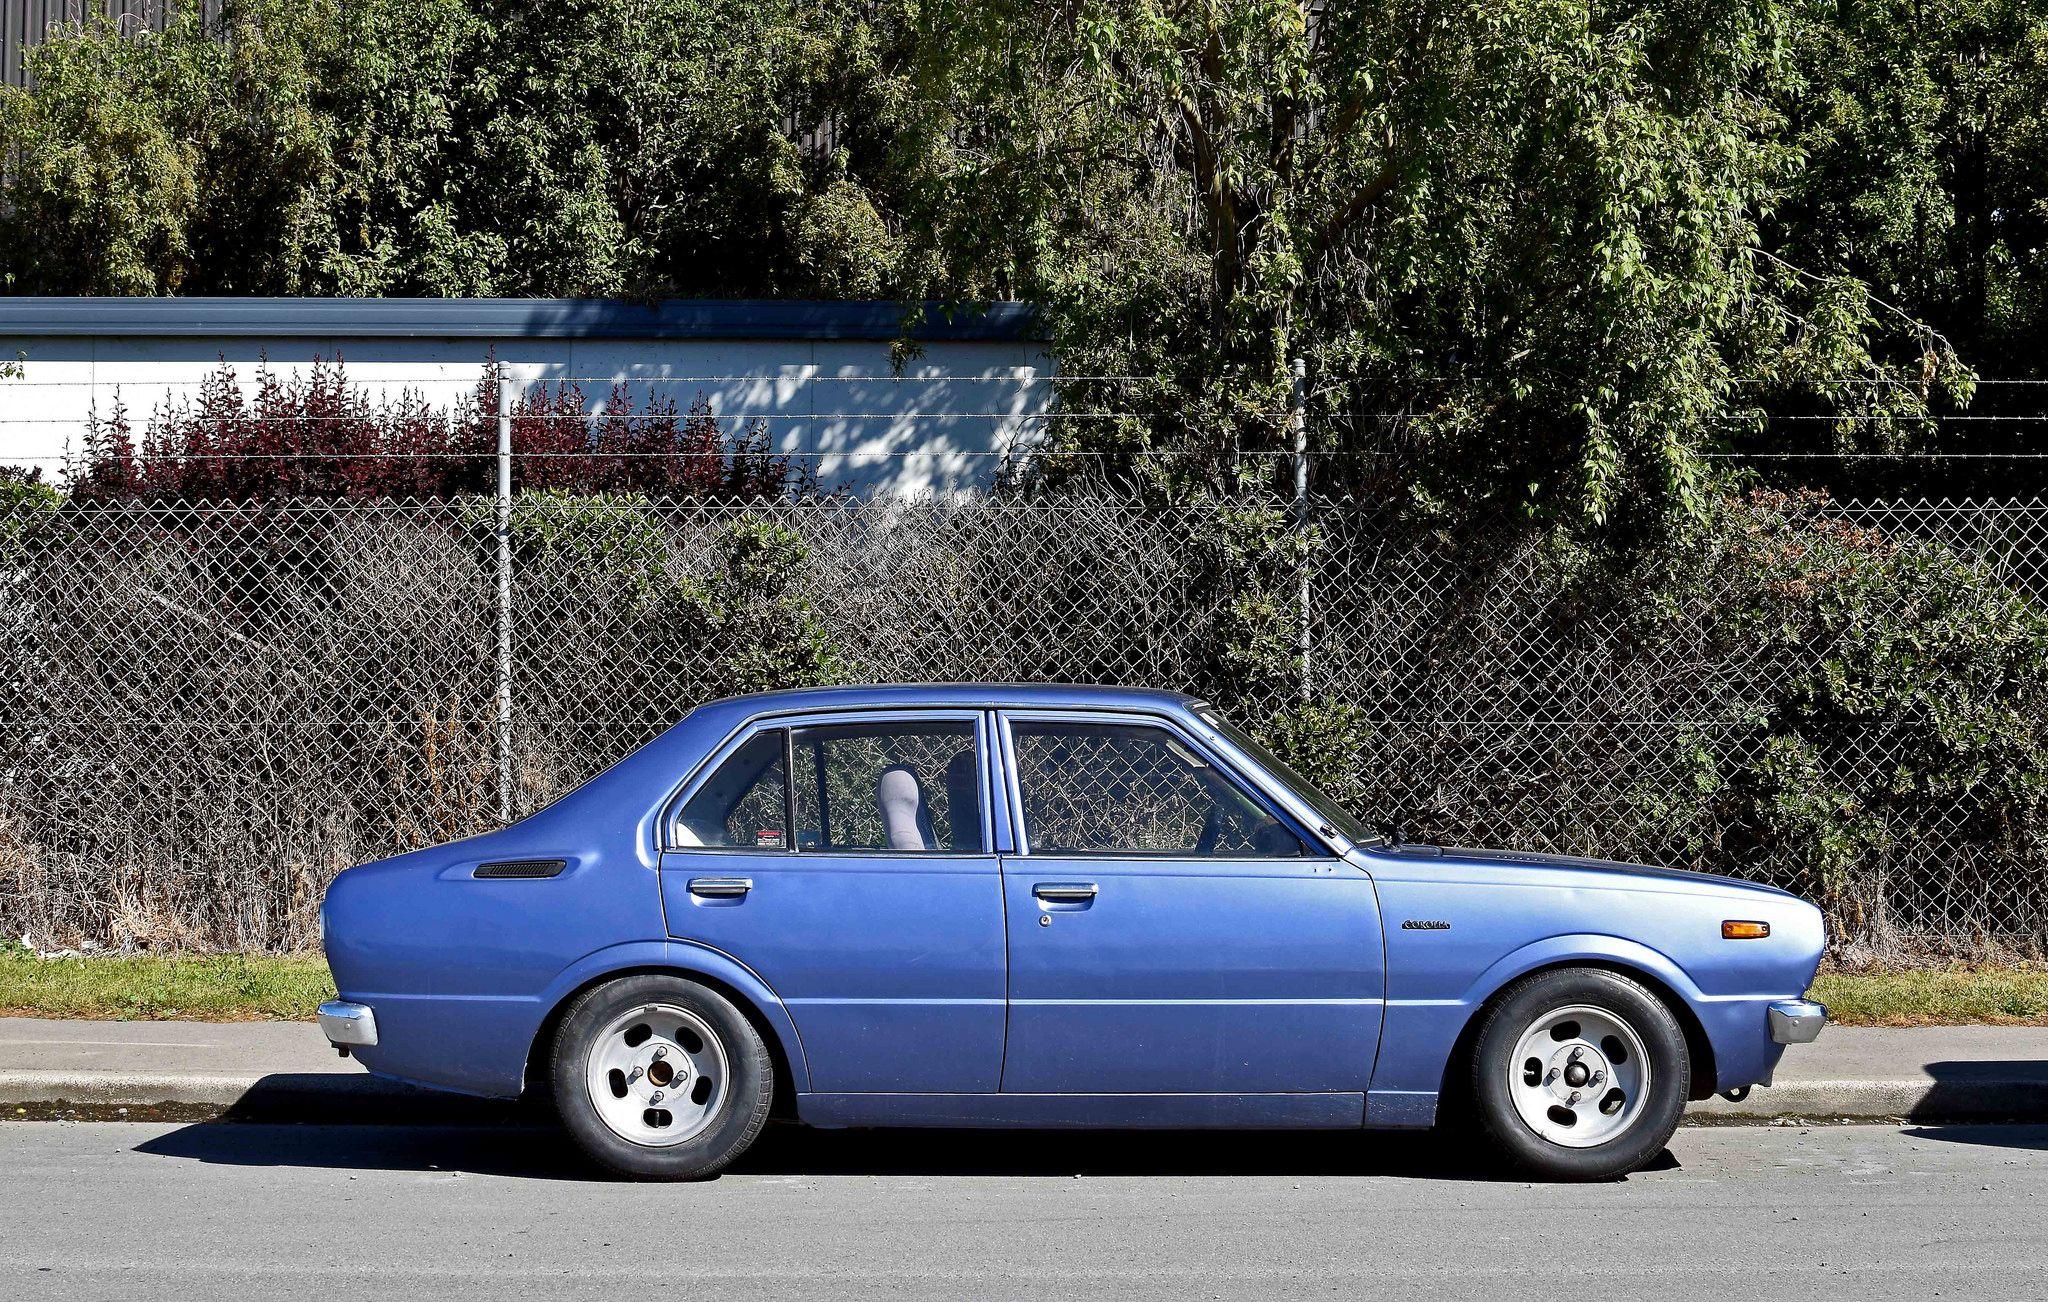 Kelebihan Toyota Corolla 1979 Perbandingan Harga